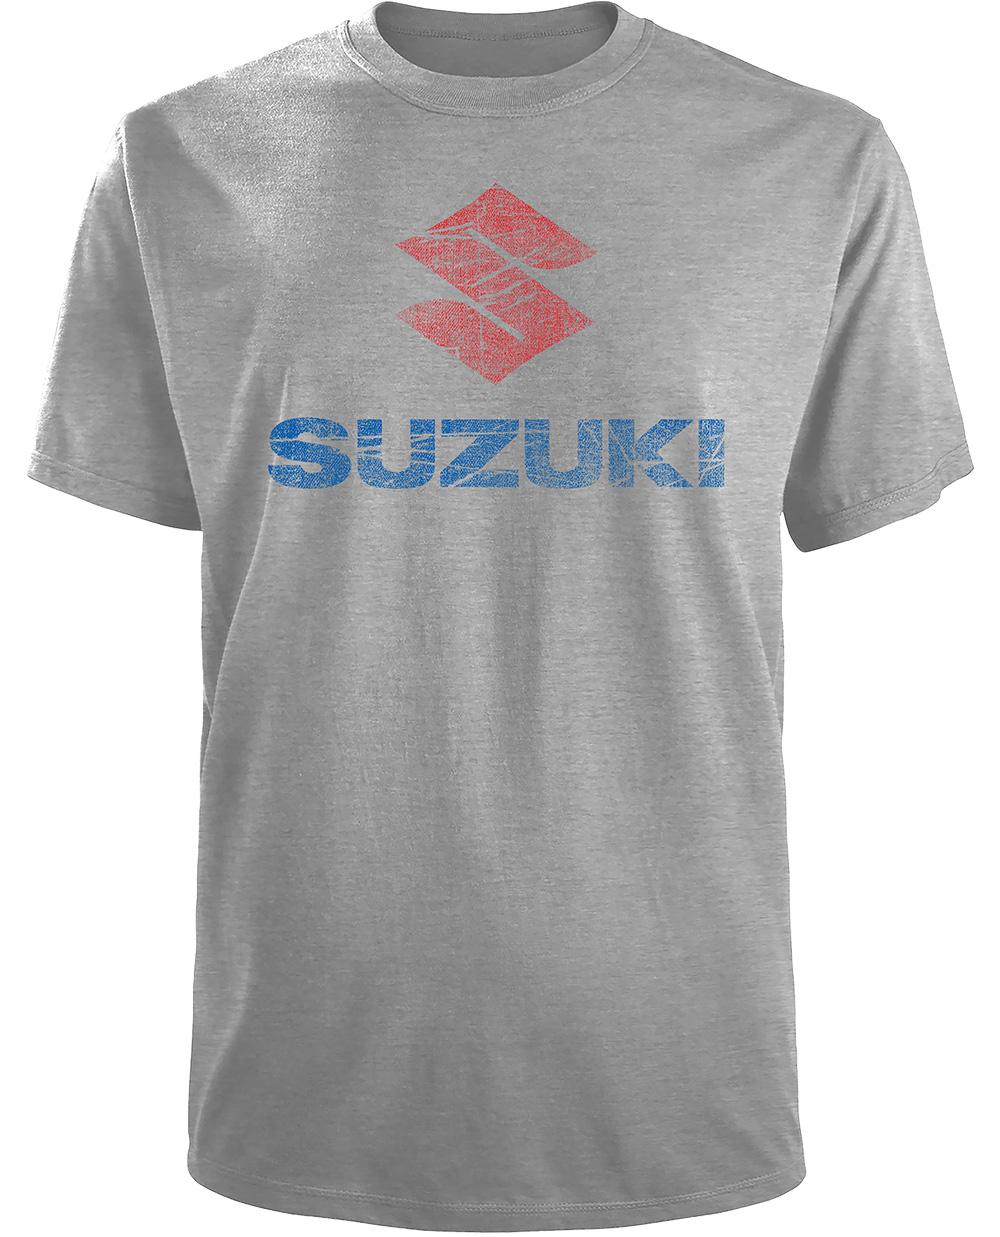 Men's Vintage Suzuki T-shirt